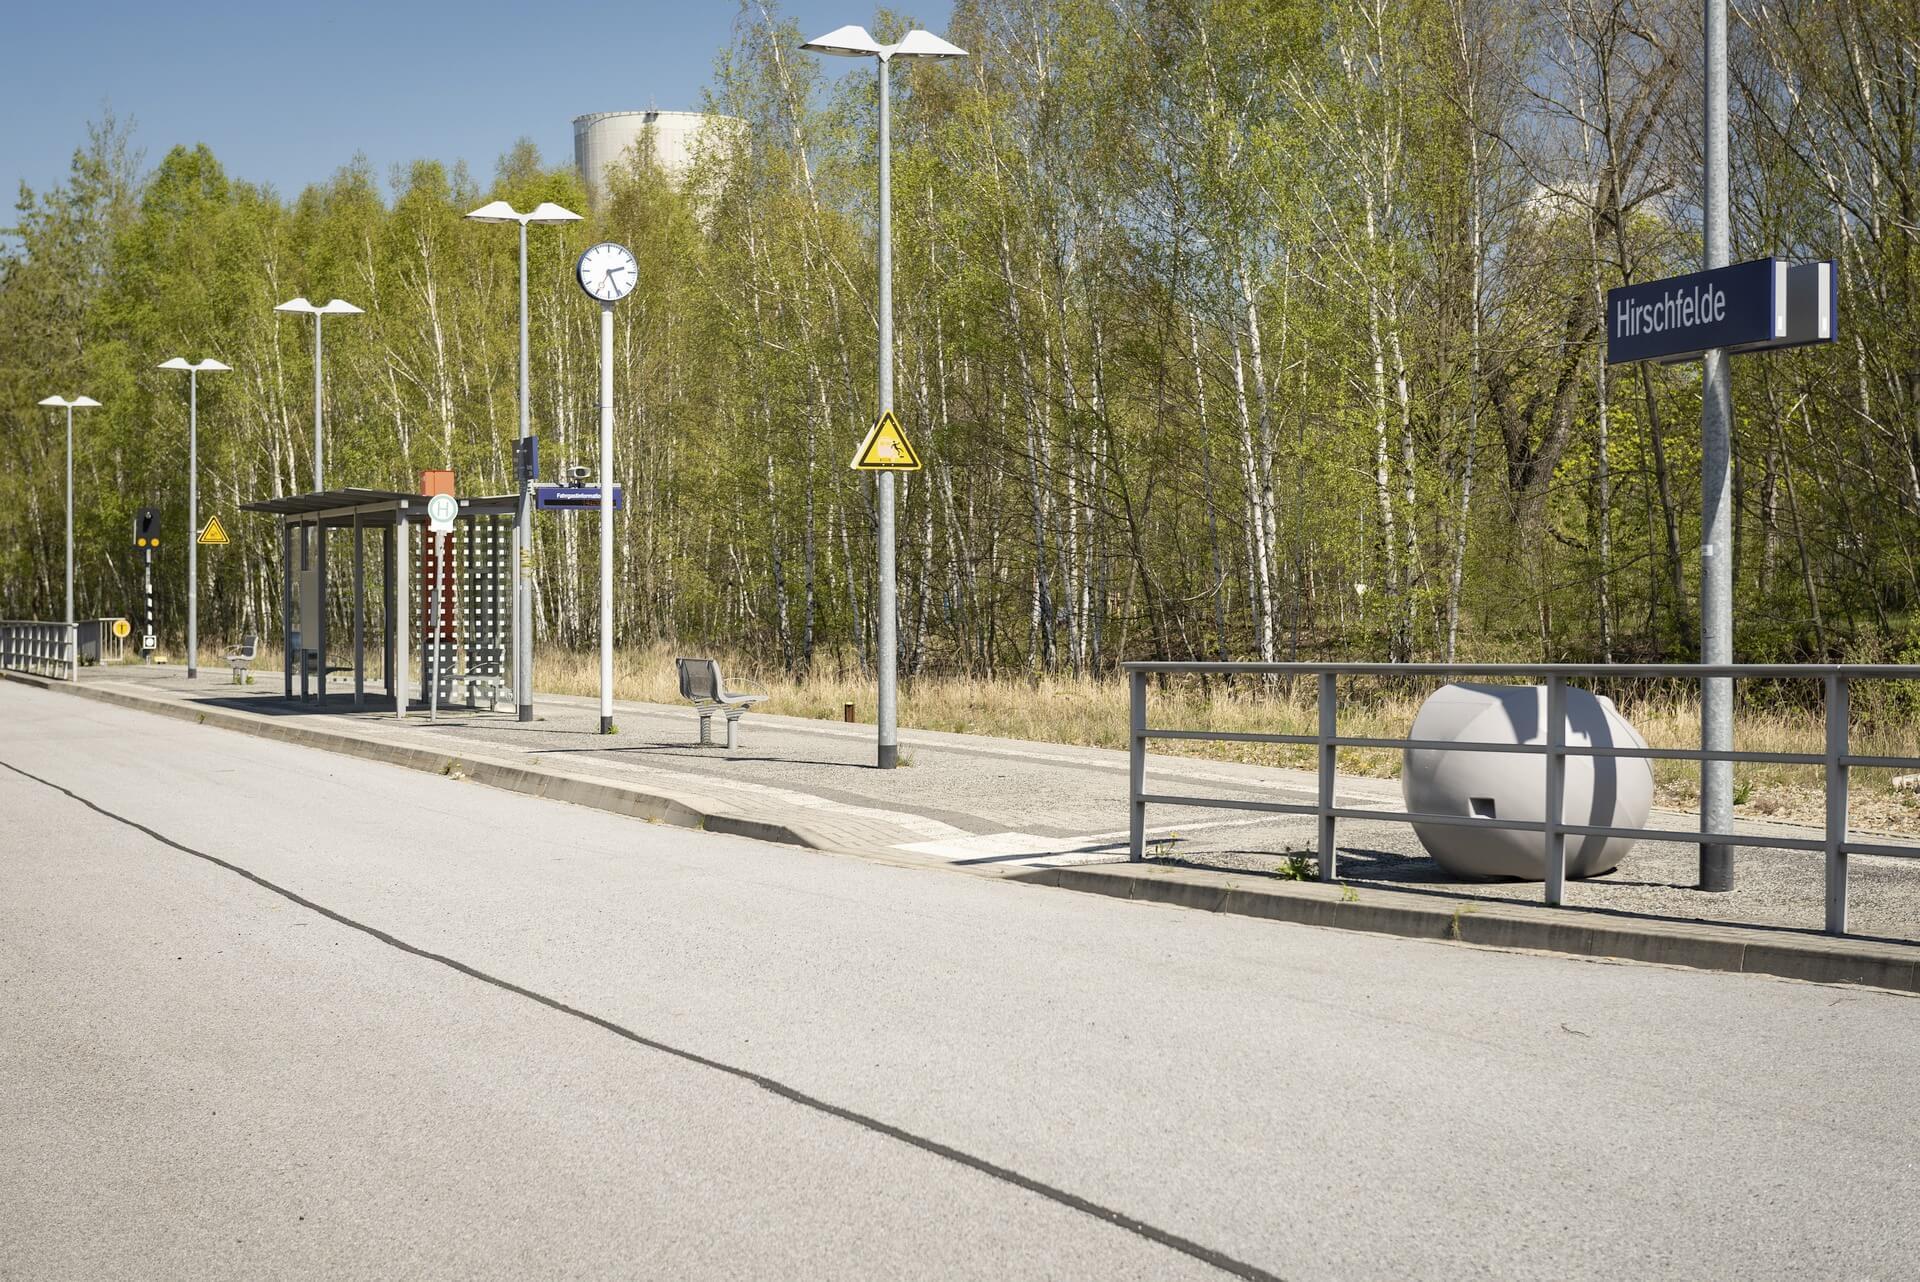 Bahnhof Hirschfelde